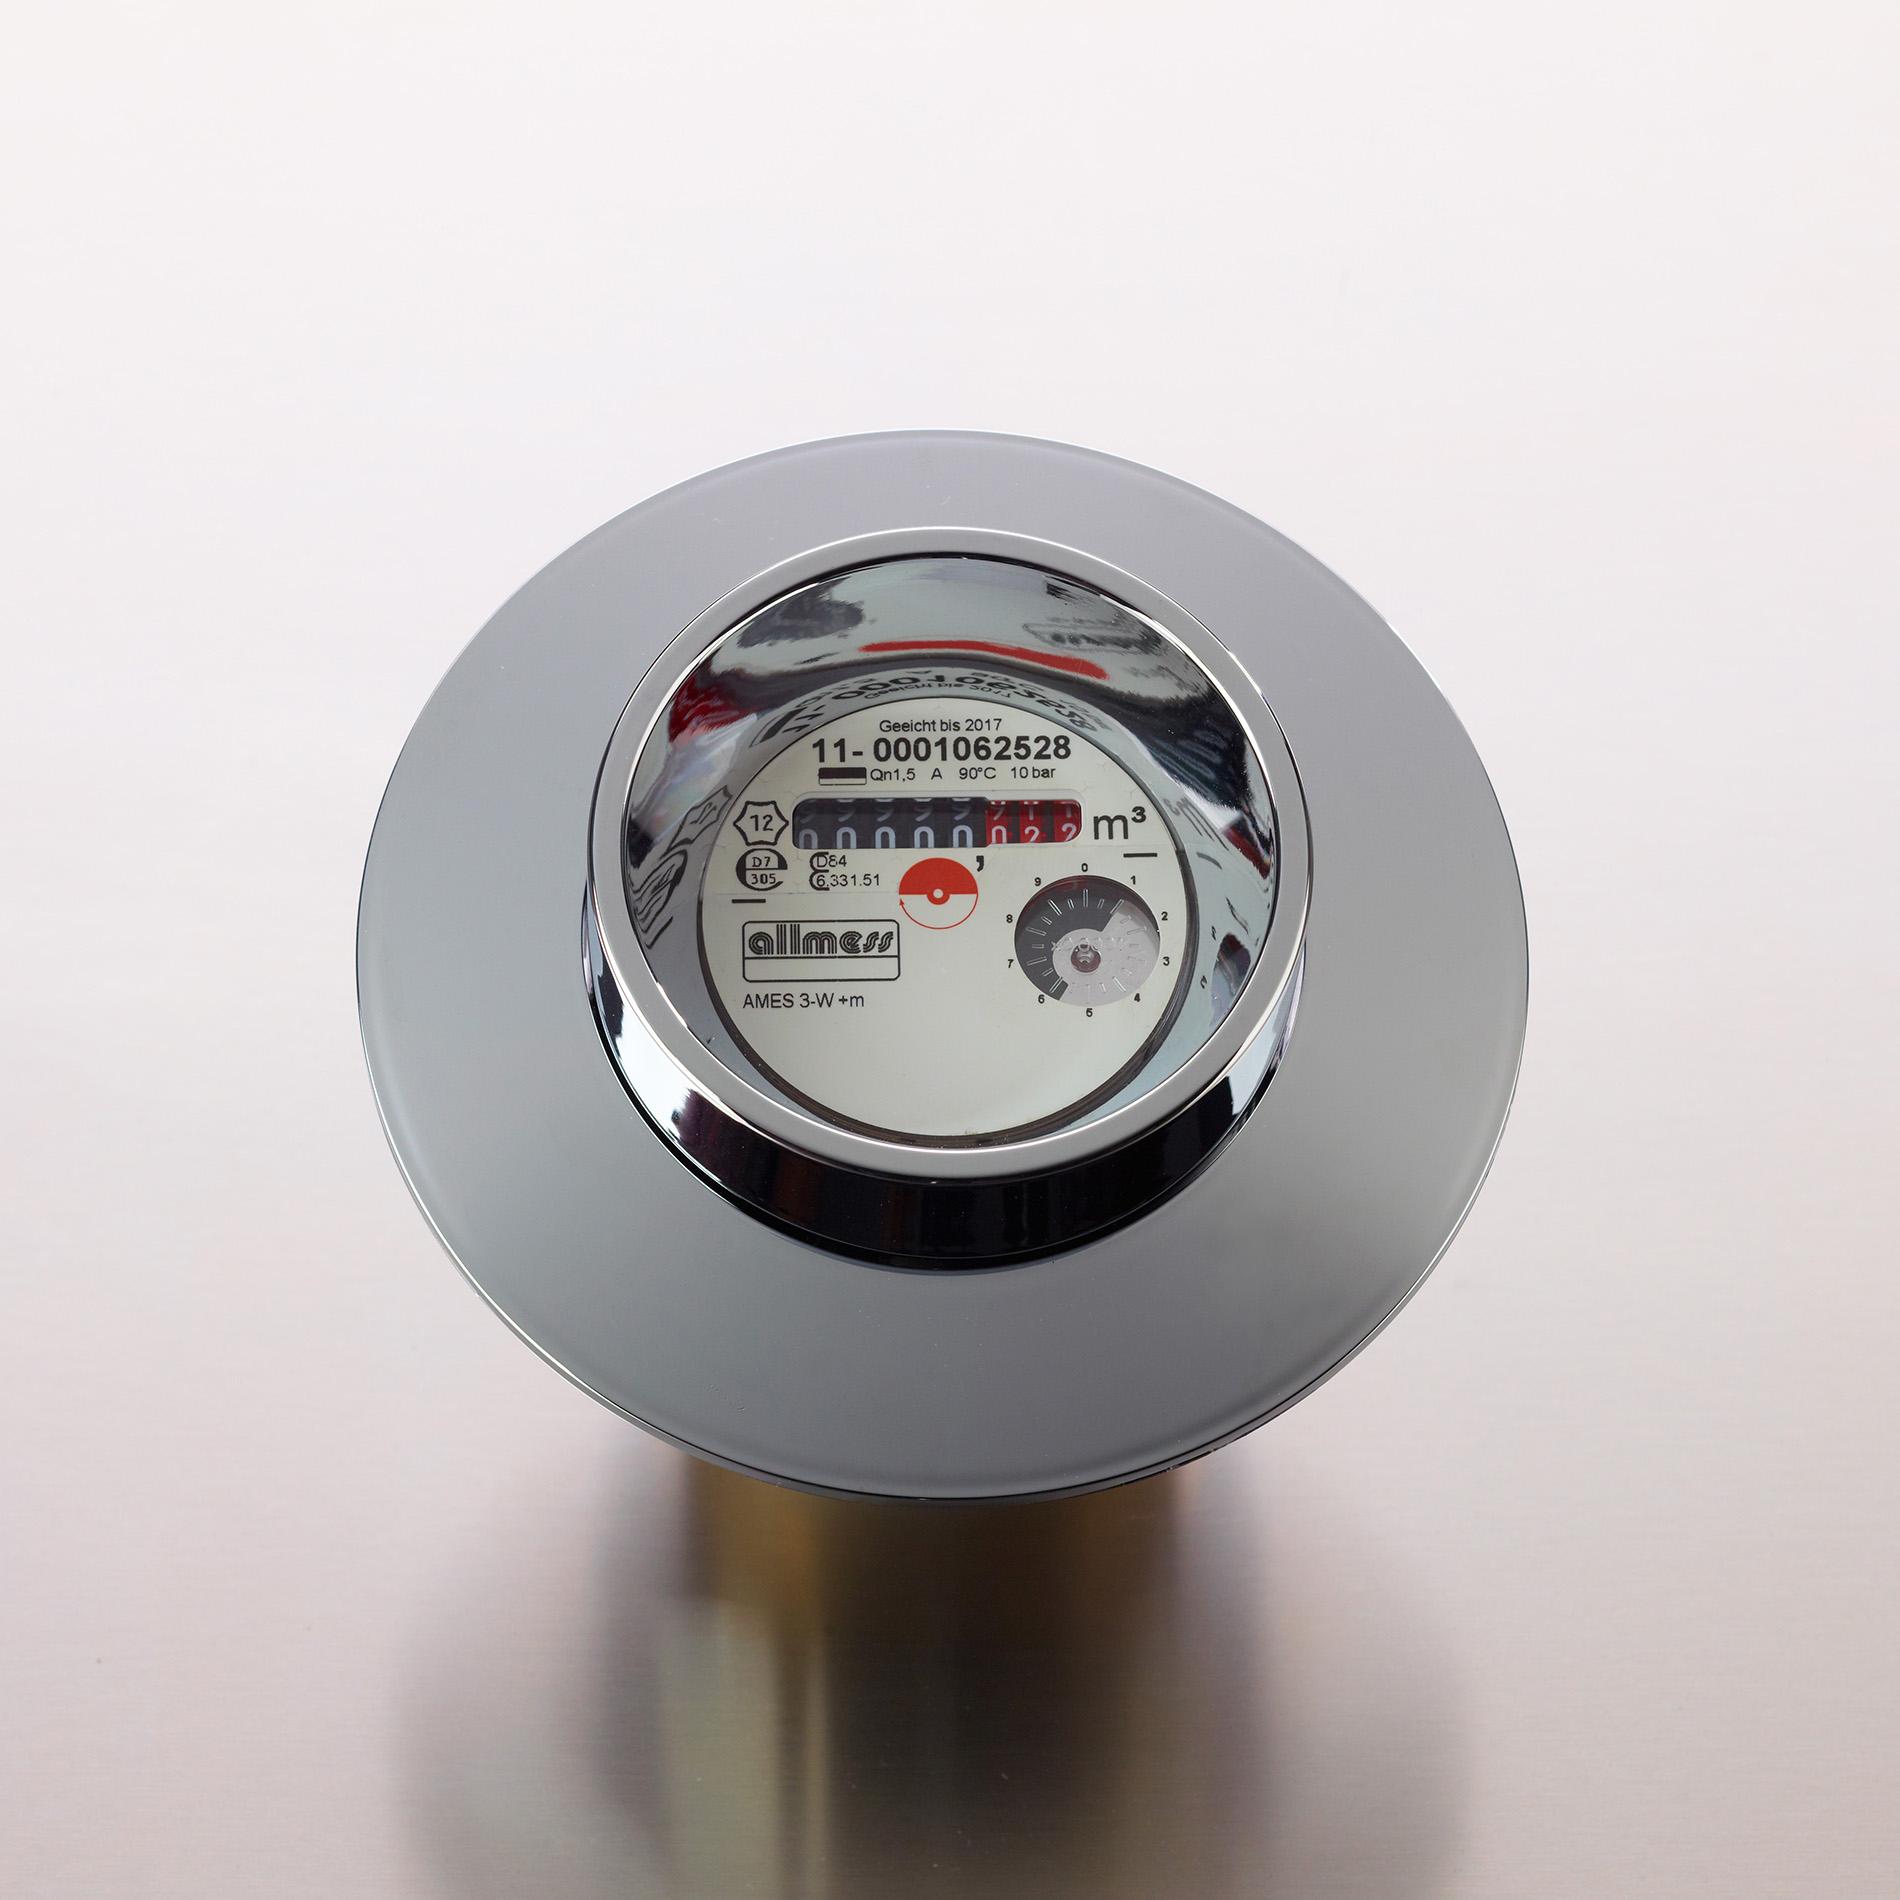 Fotodesign-matthias-schütz-warmwasserzähler-chrom